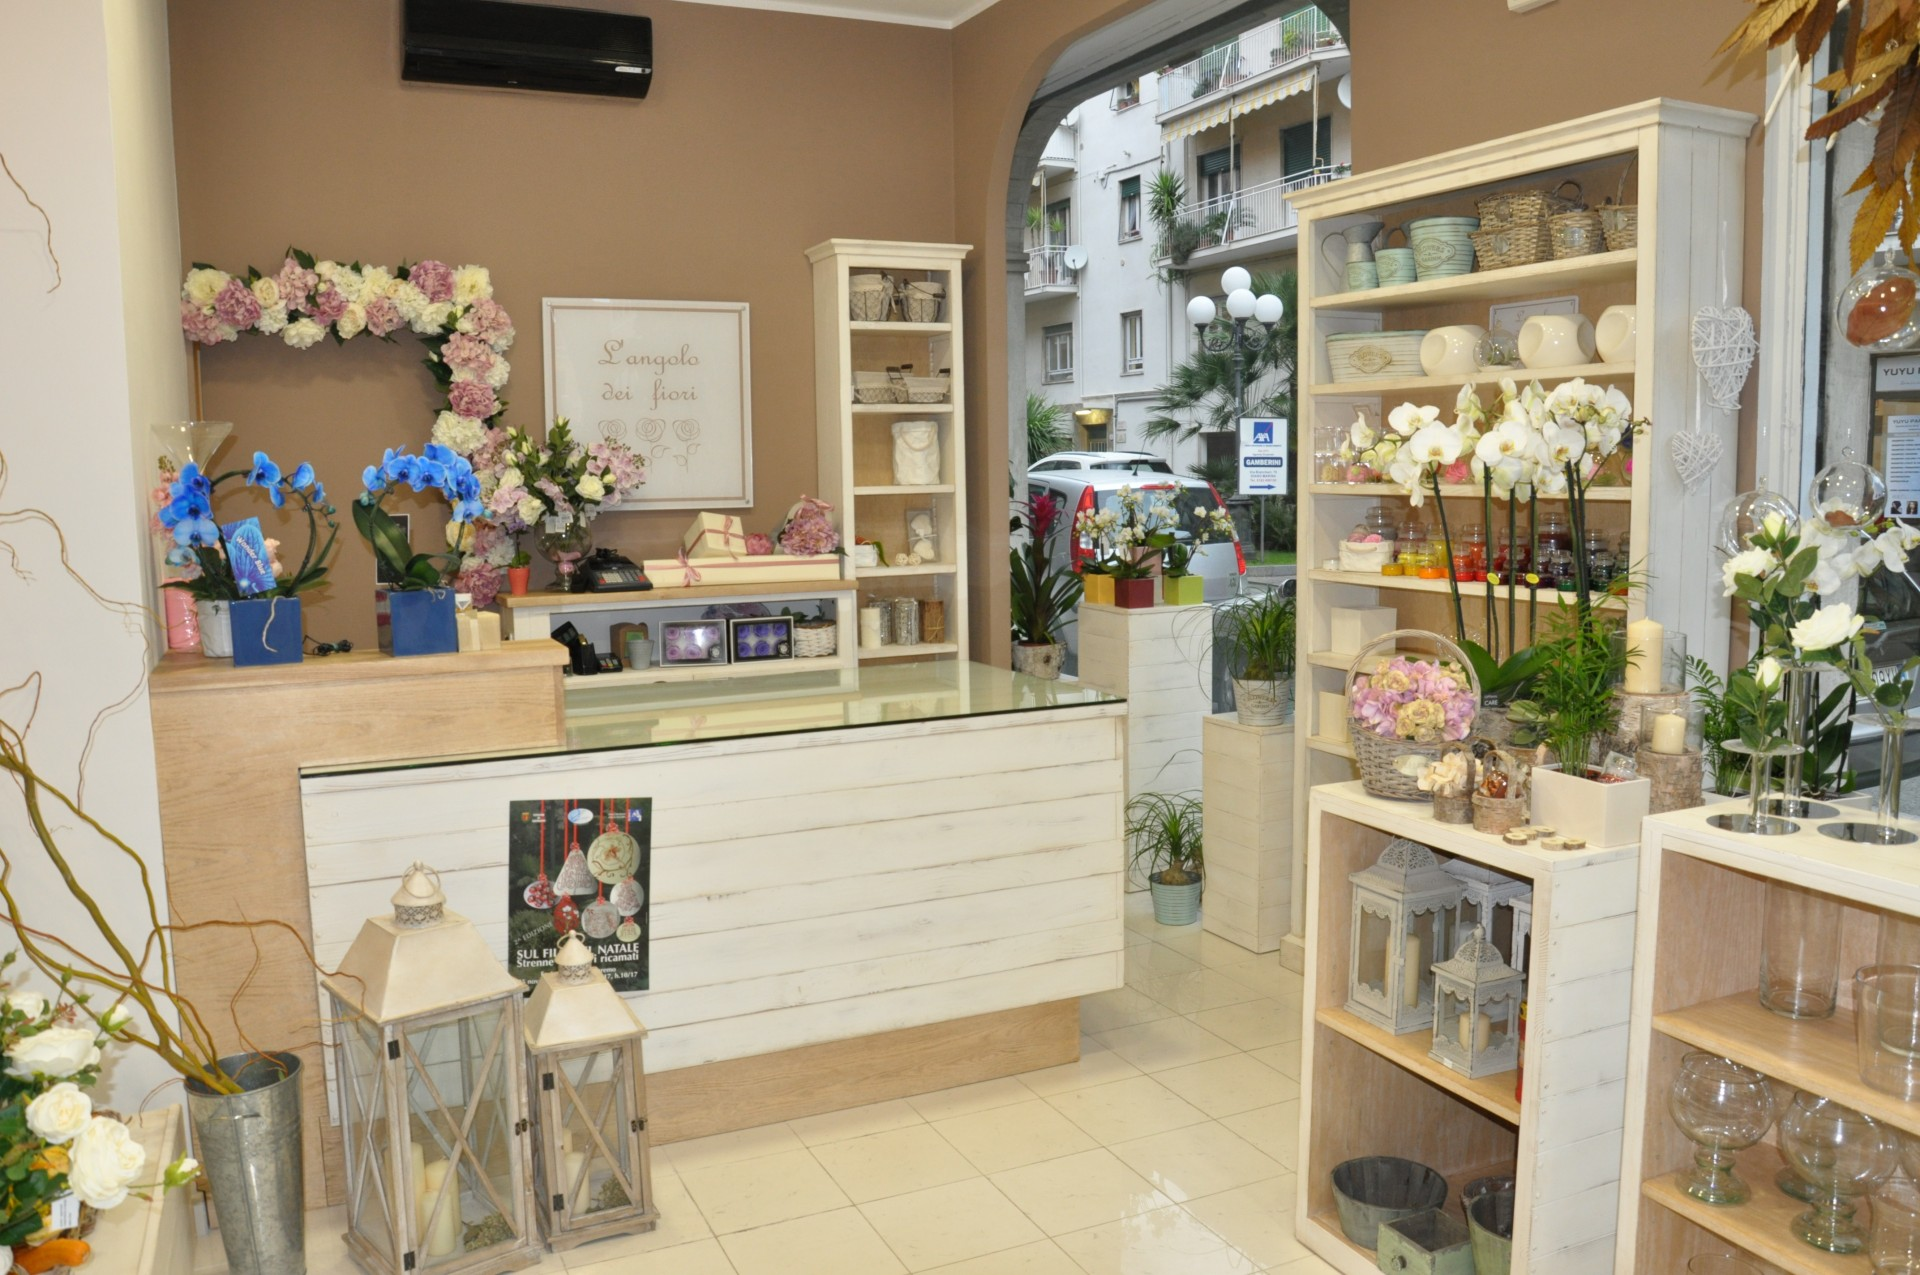 Arredamento in legno per negozio di fiori fadini mobili cerea verona